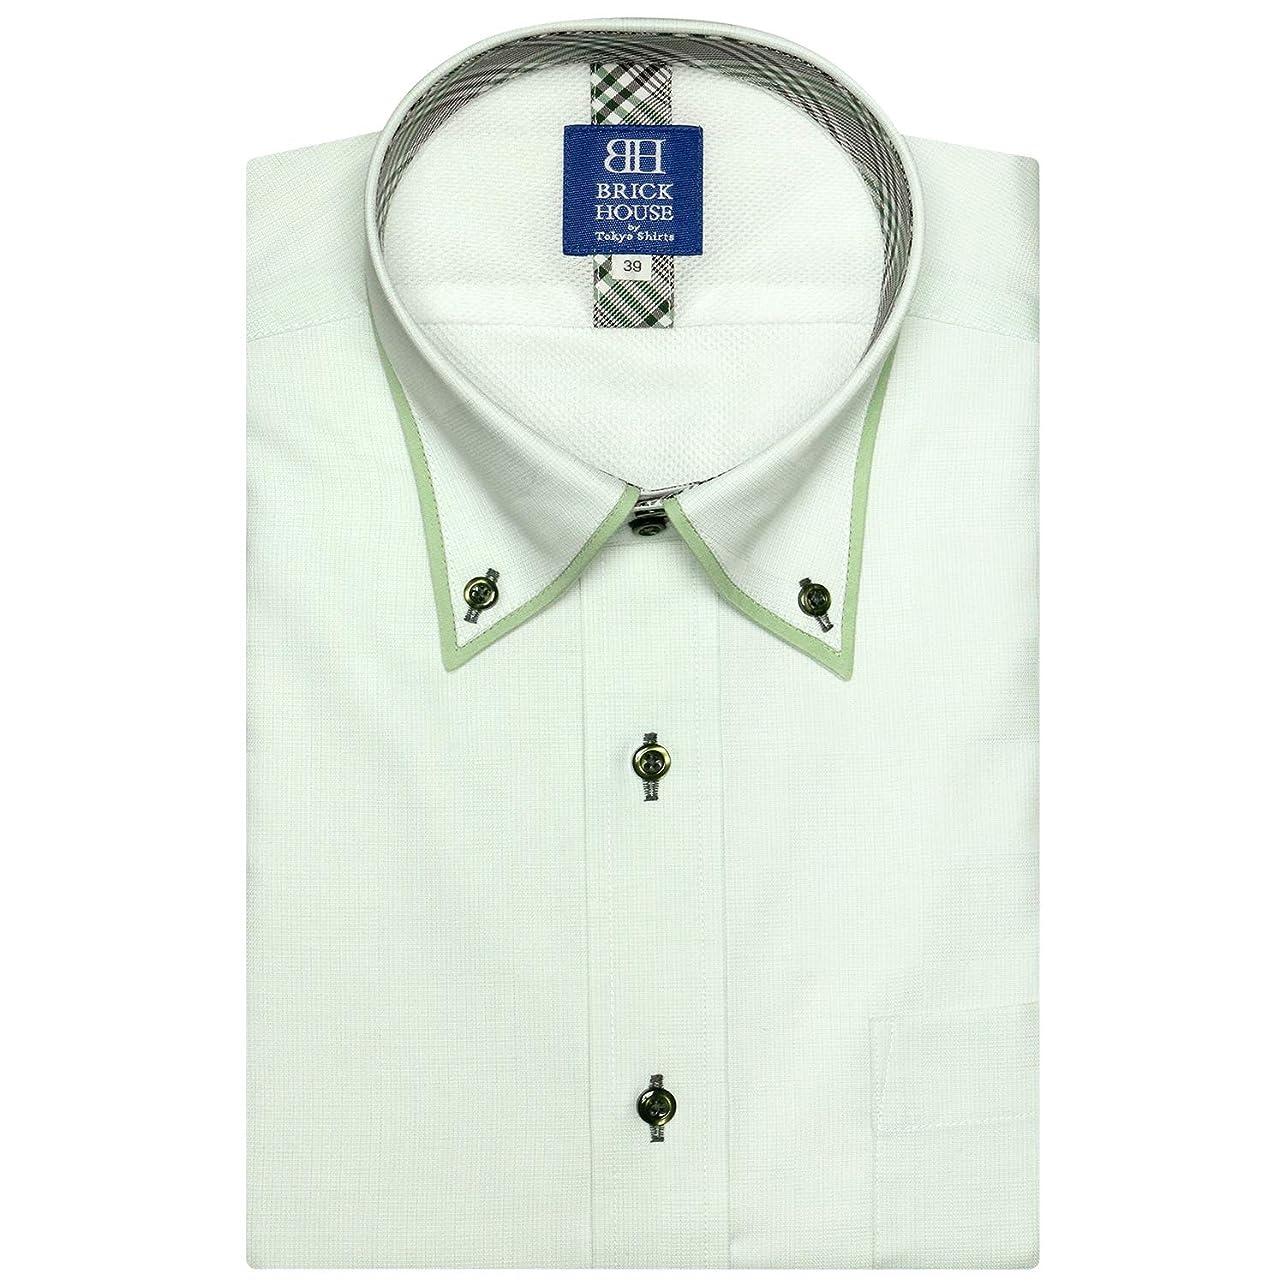 警察変化かもめブリックハウス ワイシャツ 半袖 形態安定 メッシュインナー ボットーニBD 新体型 メンズ BM019201AB45V3M-74